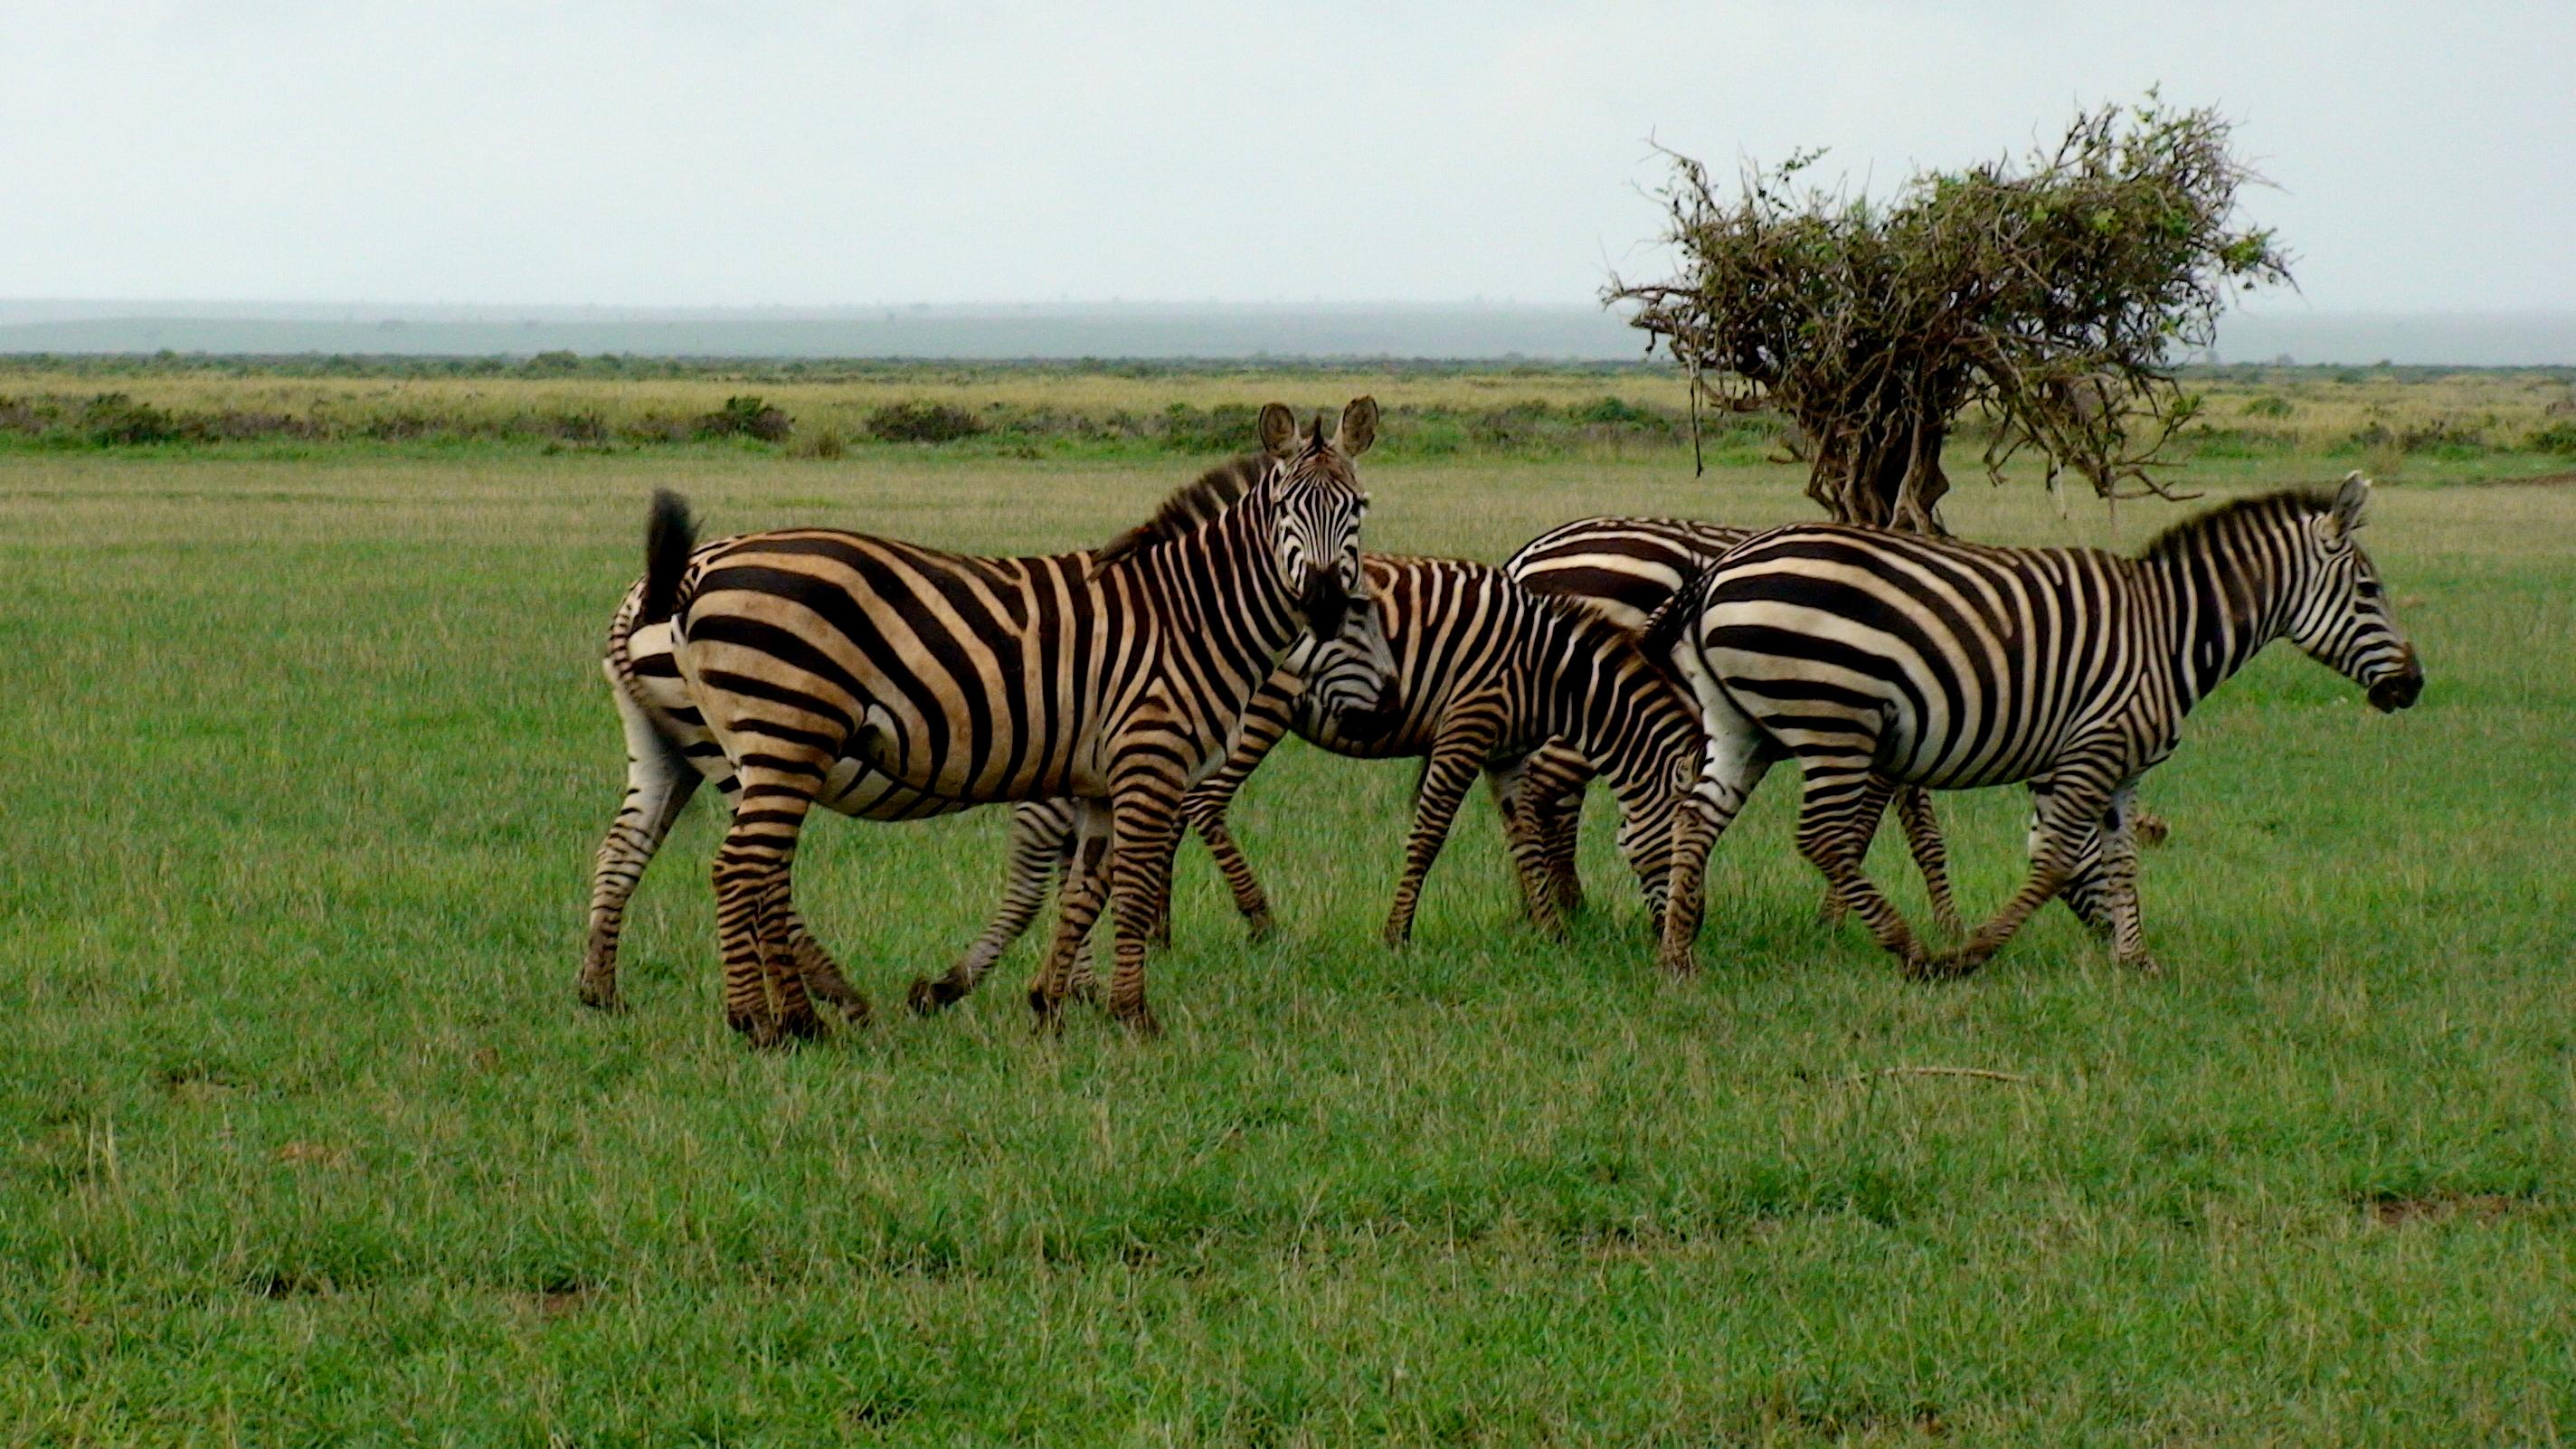 3 de marzo el Día Mundial de la Vida Silvestre, ¿sabes por qué?